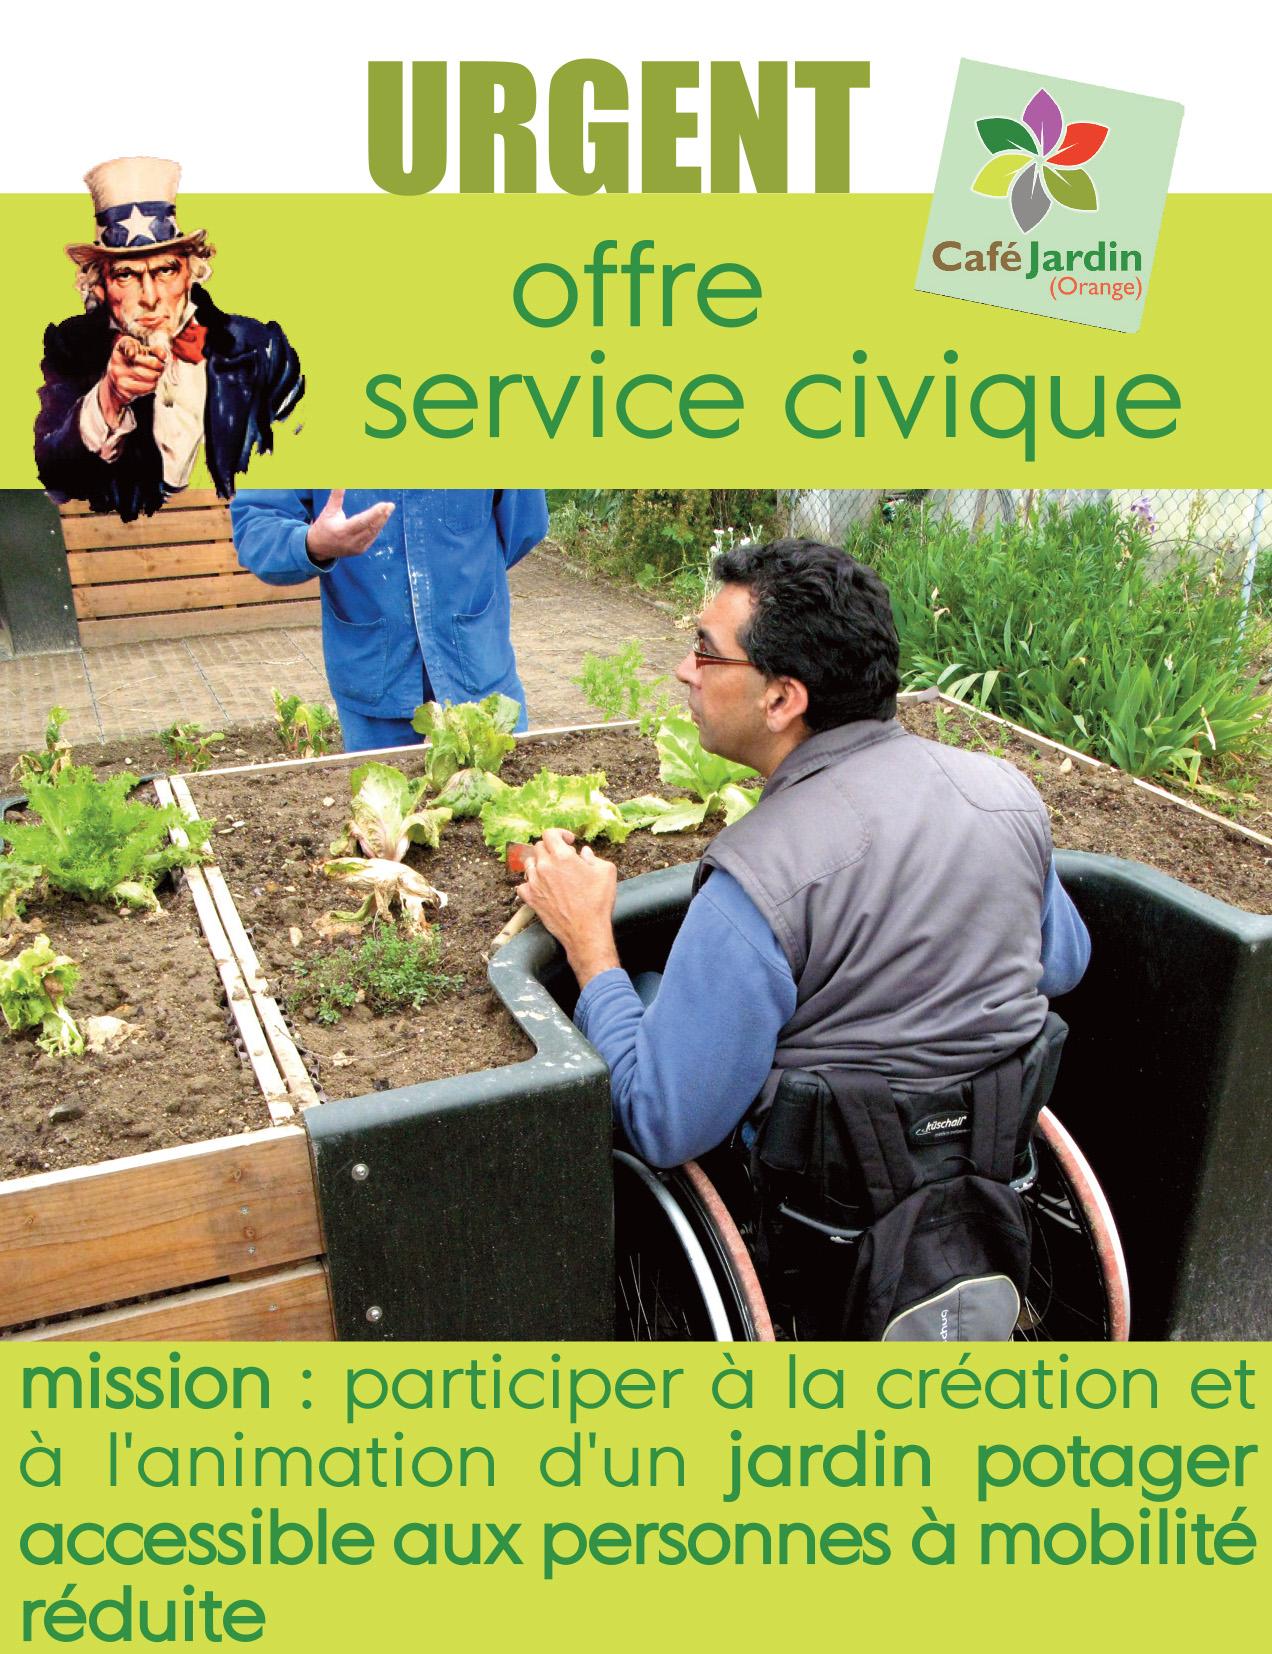 Offre de mission de service civique